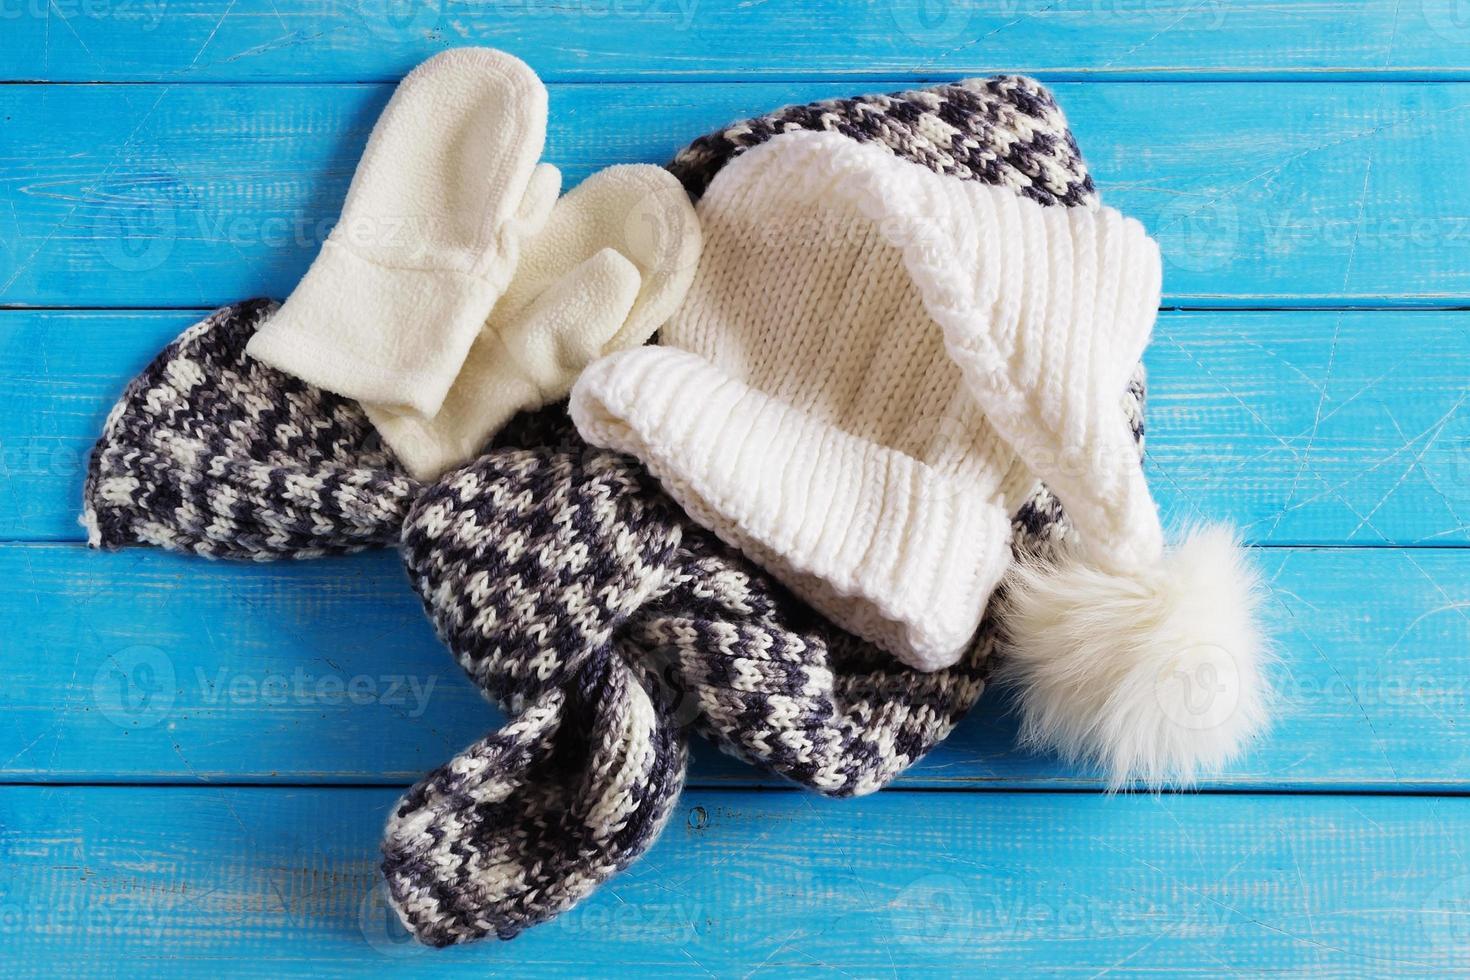 roupas de inverno para crianças foto